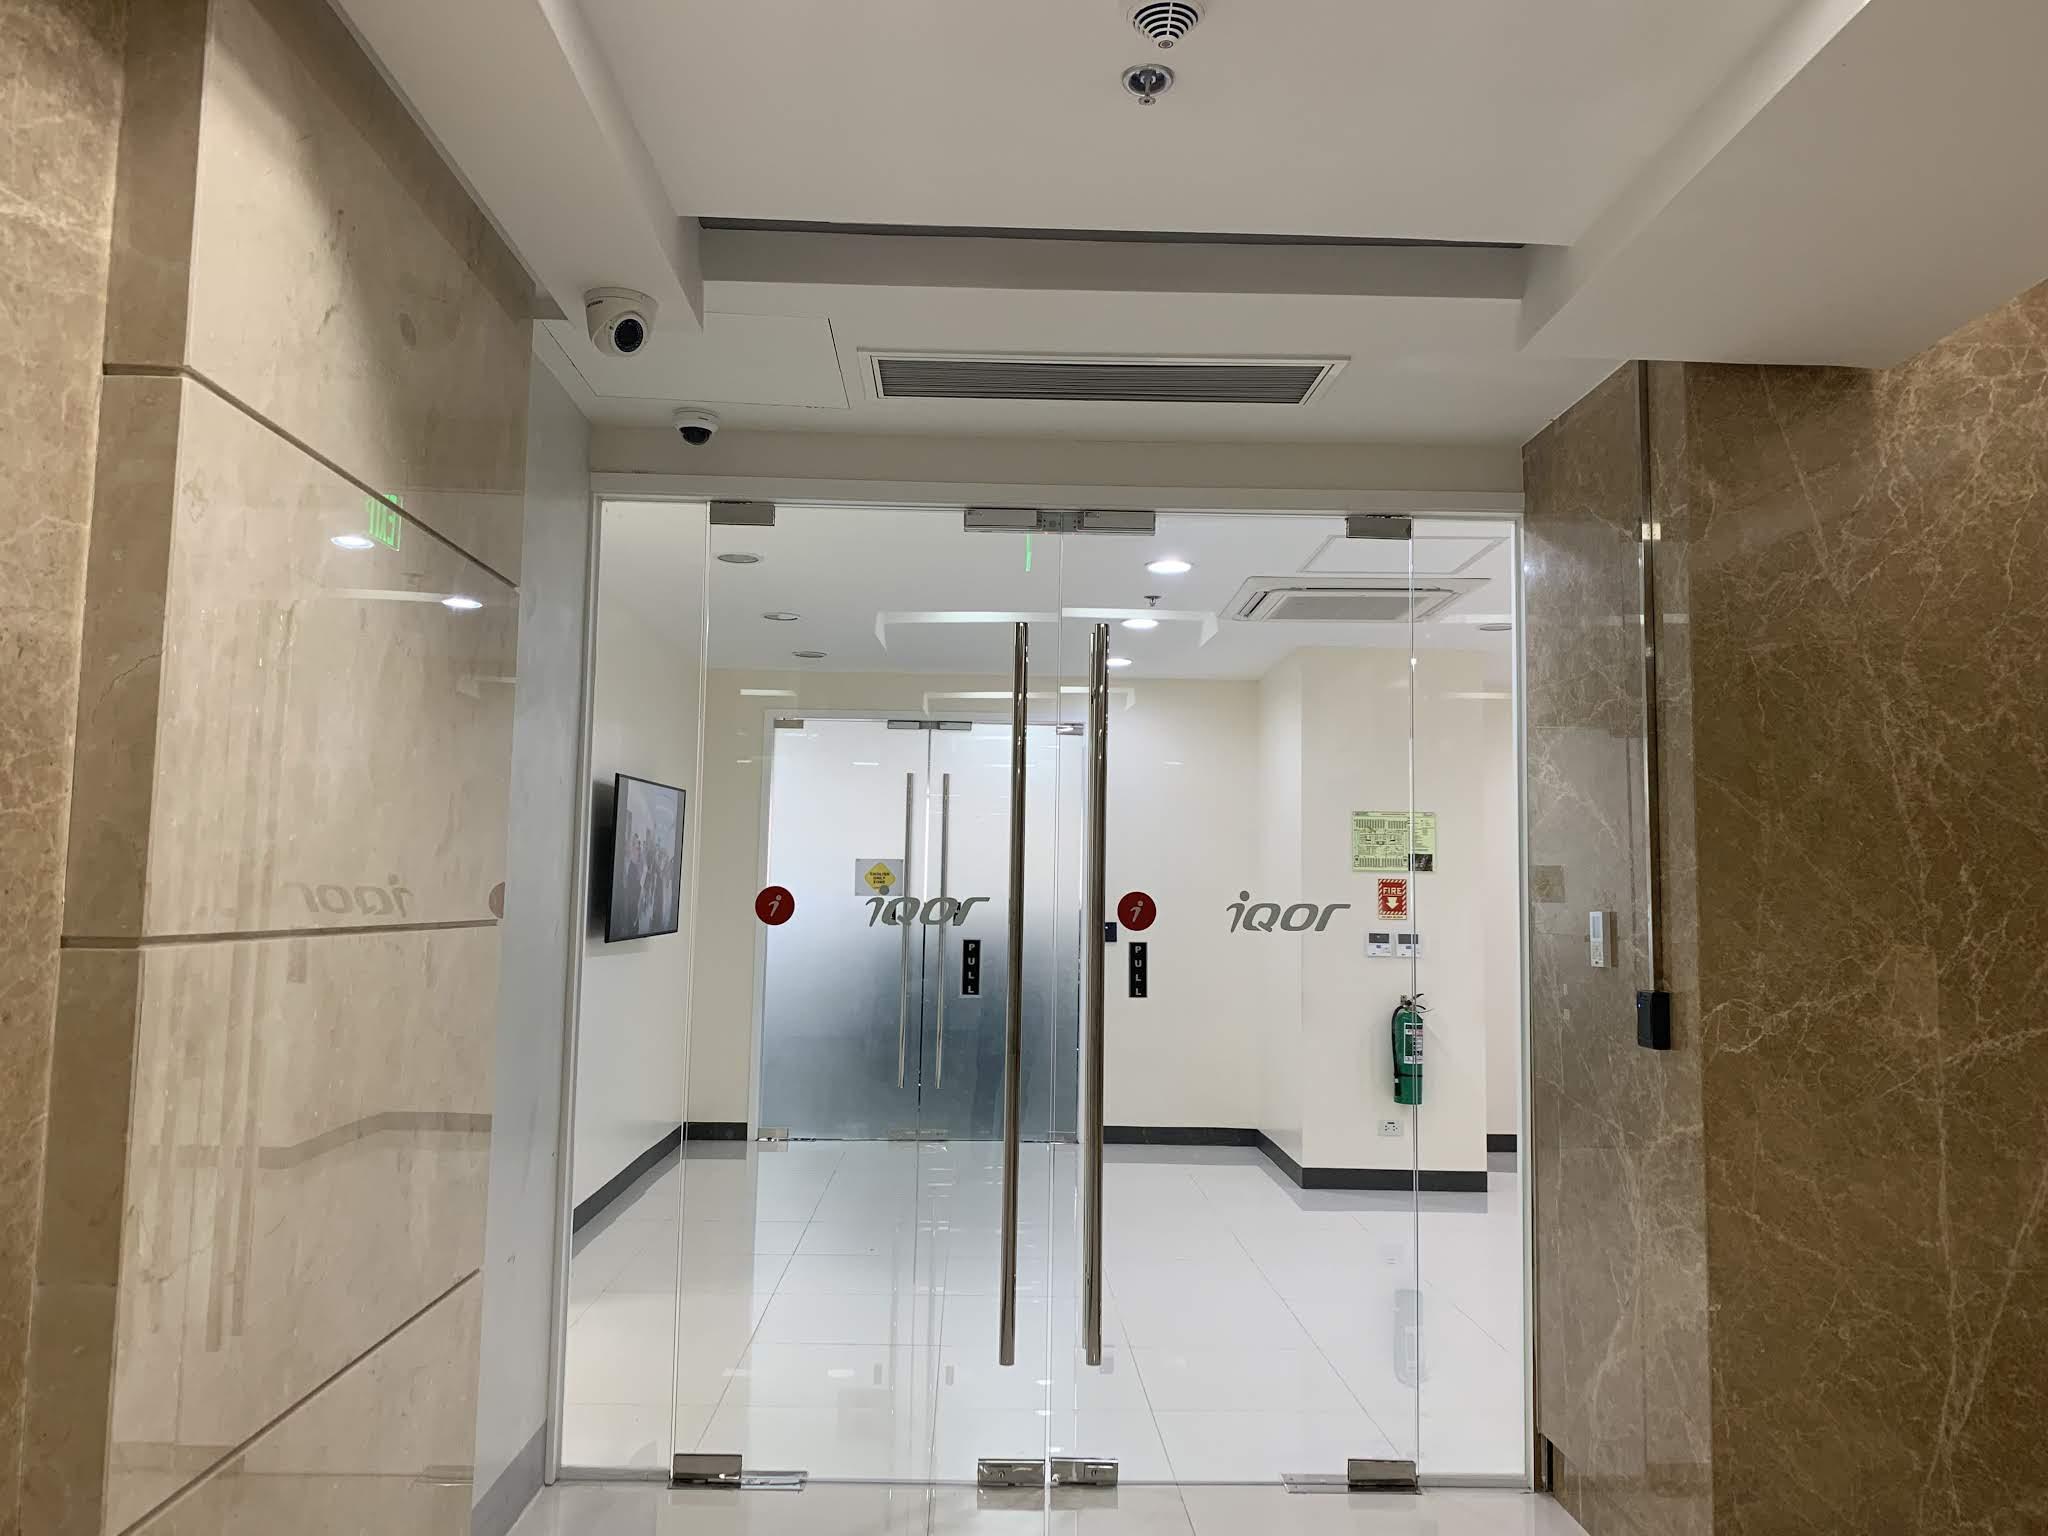 iQor Office located at Iloilo Business Park, Megaworld, Iloilo